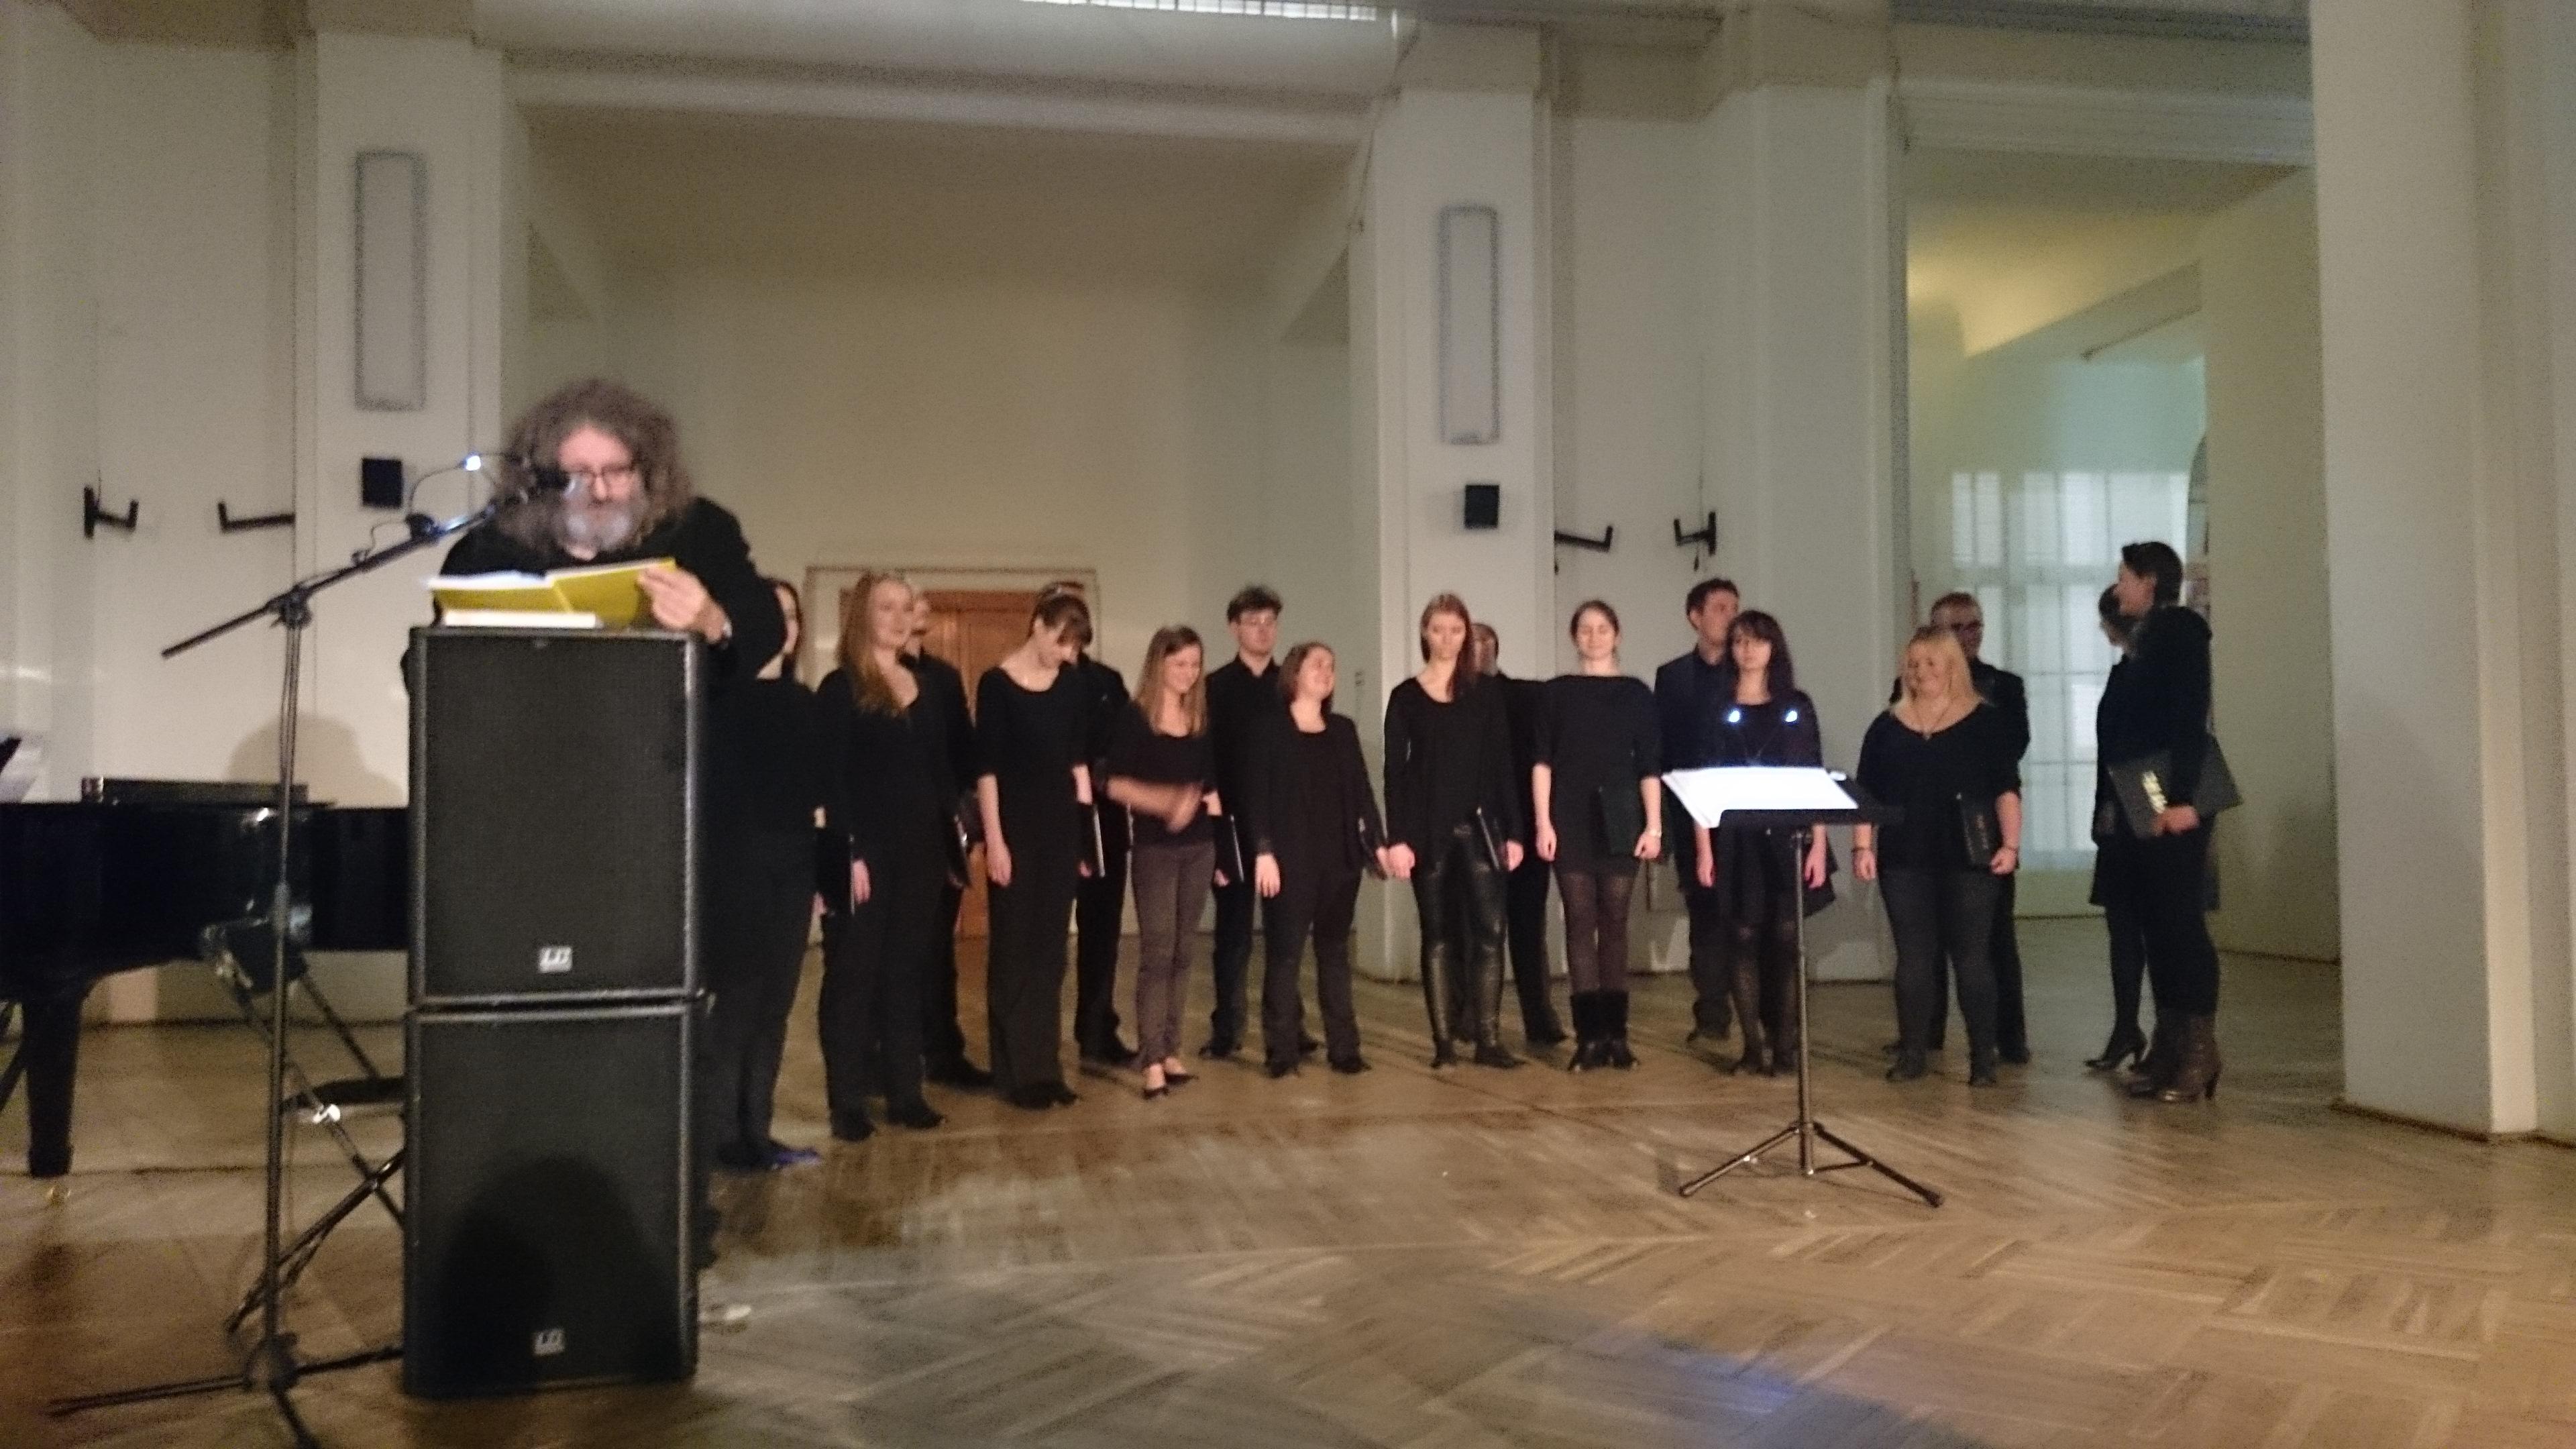 Koncert Tomasza Gwicińskiego iChóru Kameralnego 441 Hz, Festiwal Narracje, 15.11.2014